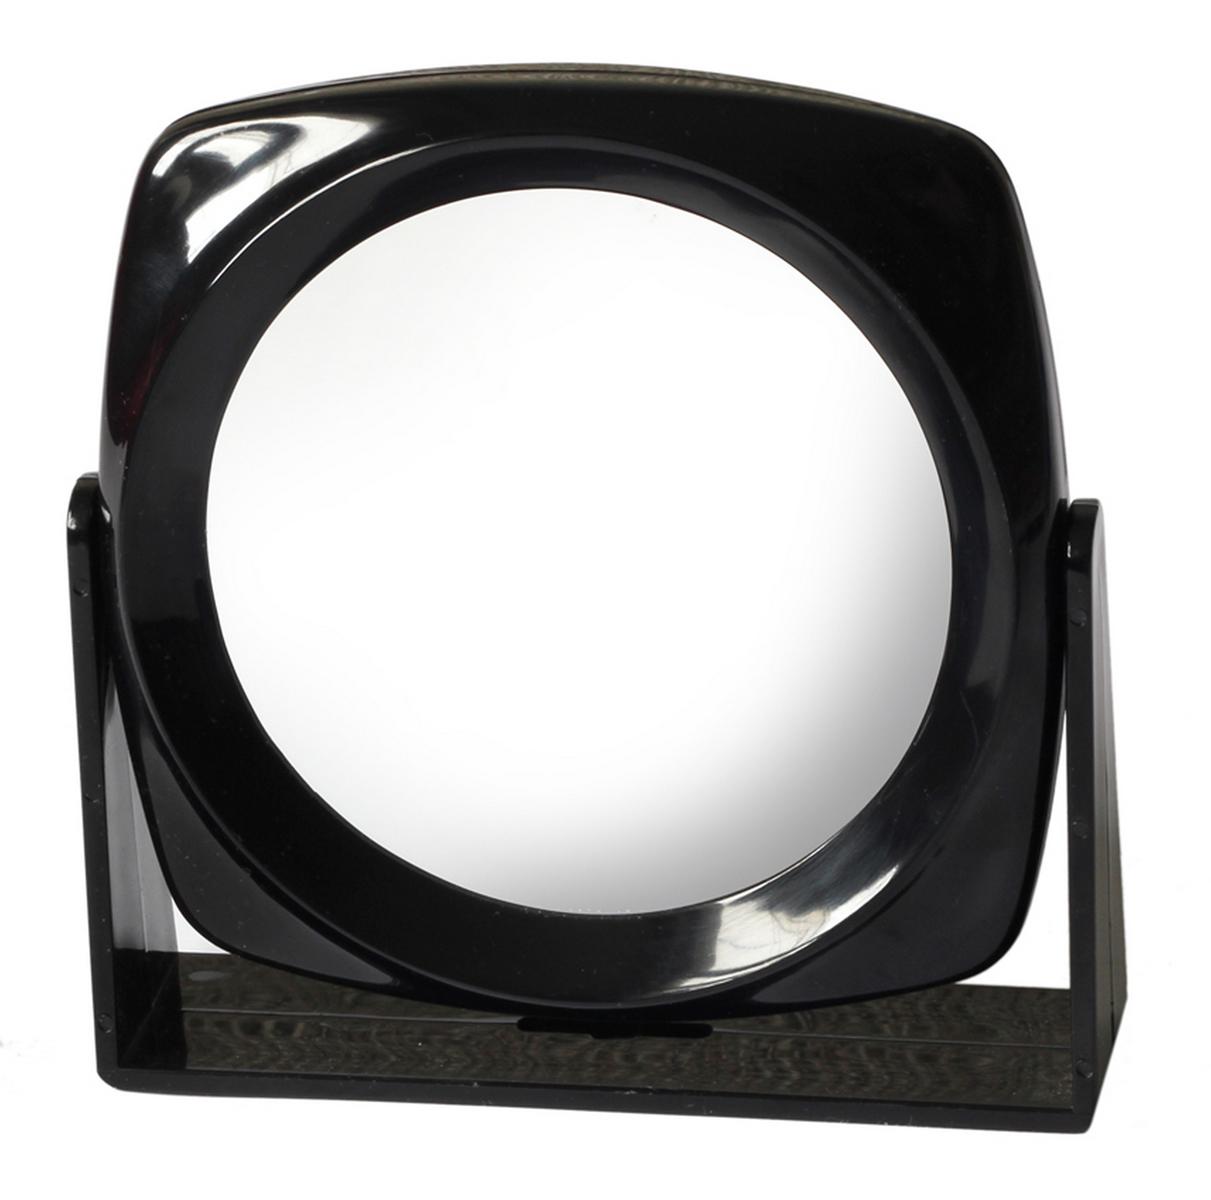 Silva Зеркало настольное, круглое, цвет: черный